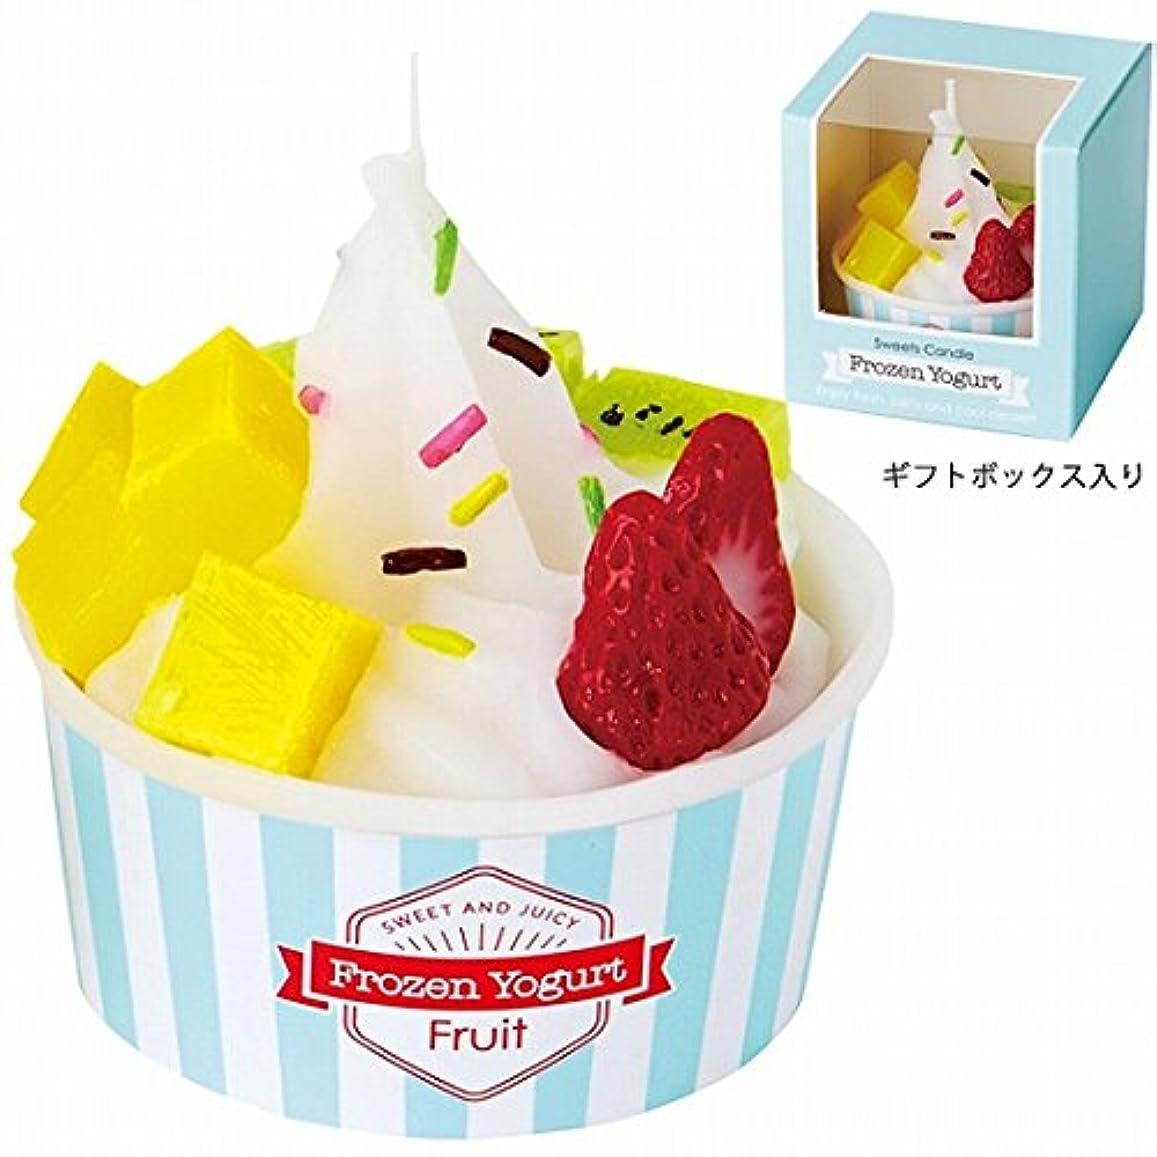 遠征失効そこkameyama candle(カメヤマキャンドル) フローズンヨーグルトキャンドル 「フルーツ」 4個セット(A4670520)